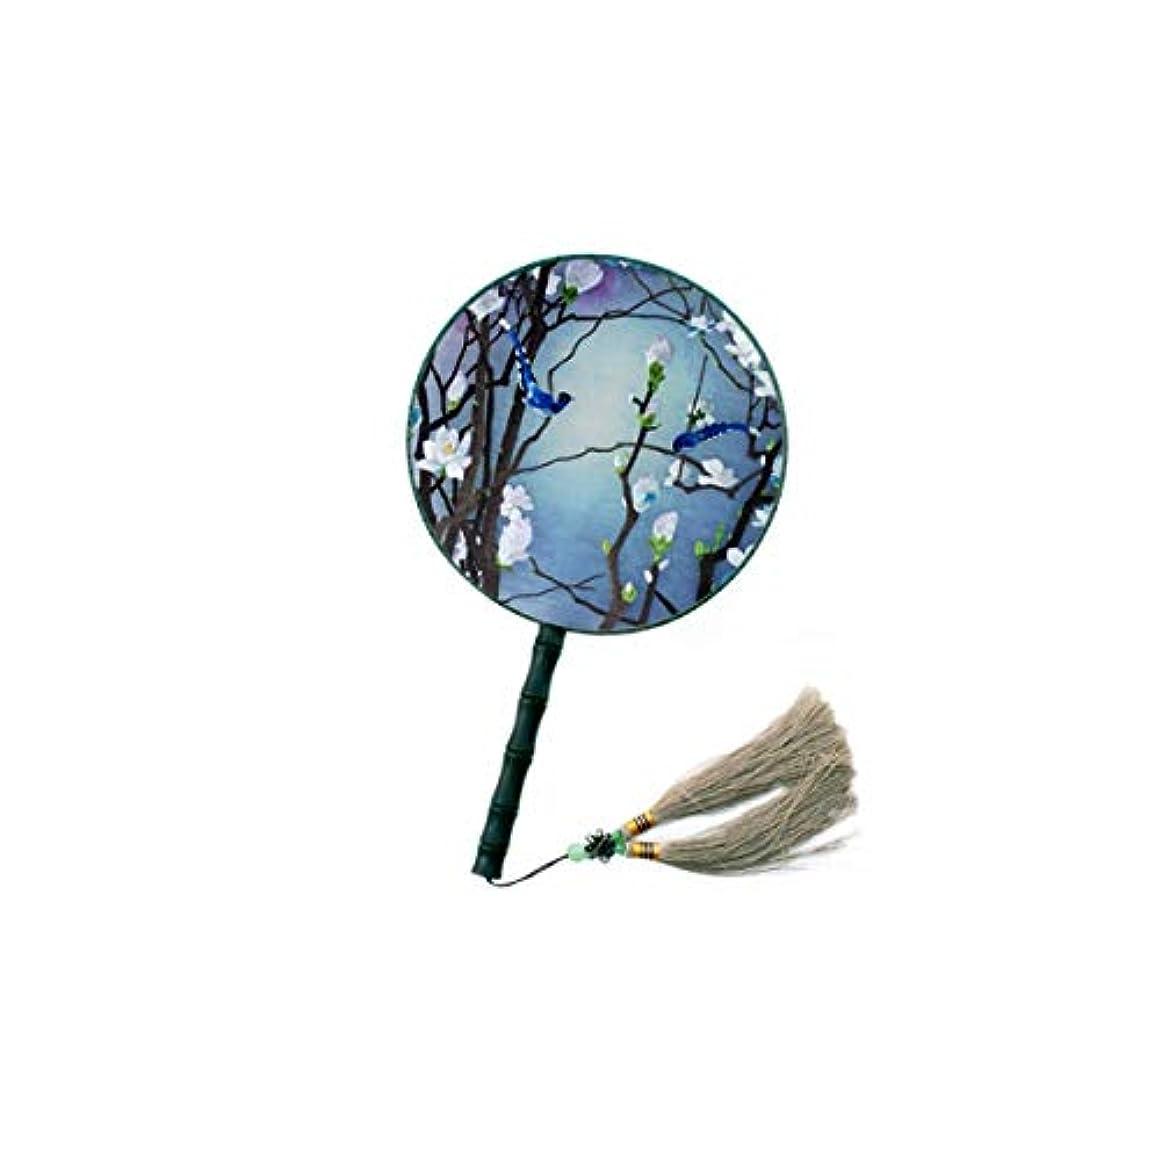 ずるいエイリアンボイラーKATH 刺繍のファン、中国の手持ちファン、ギフト、ファン